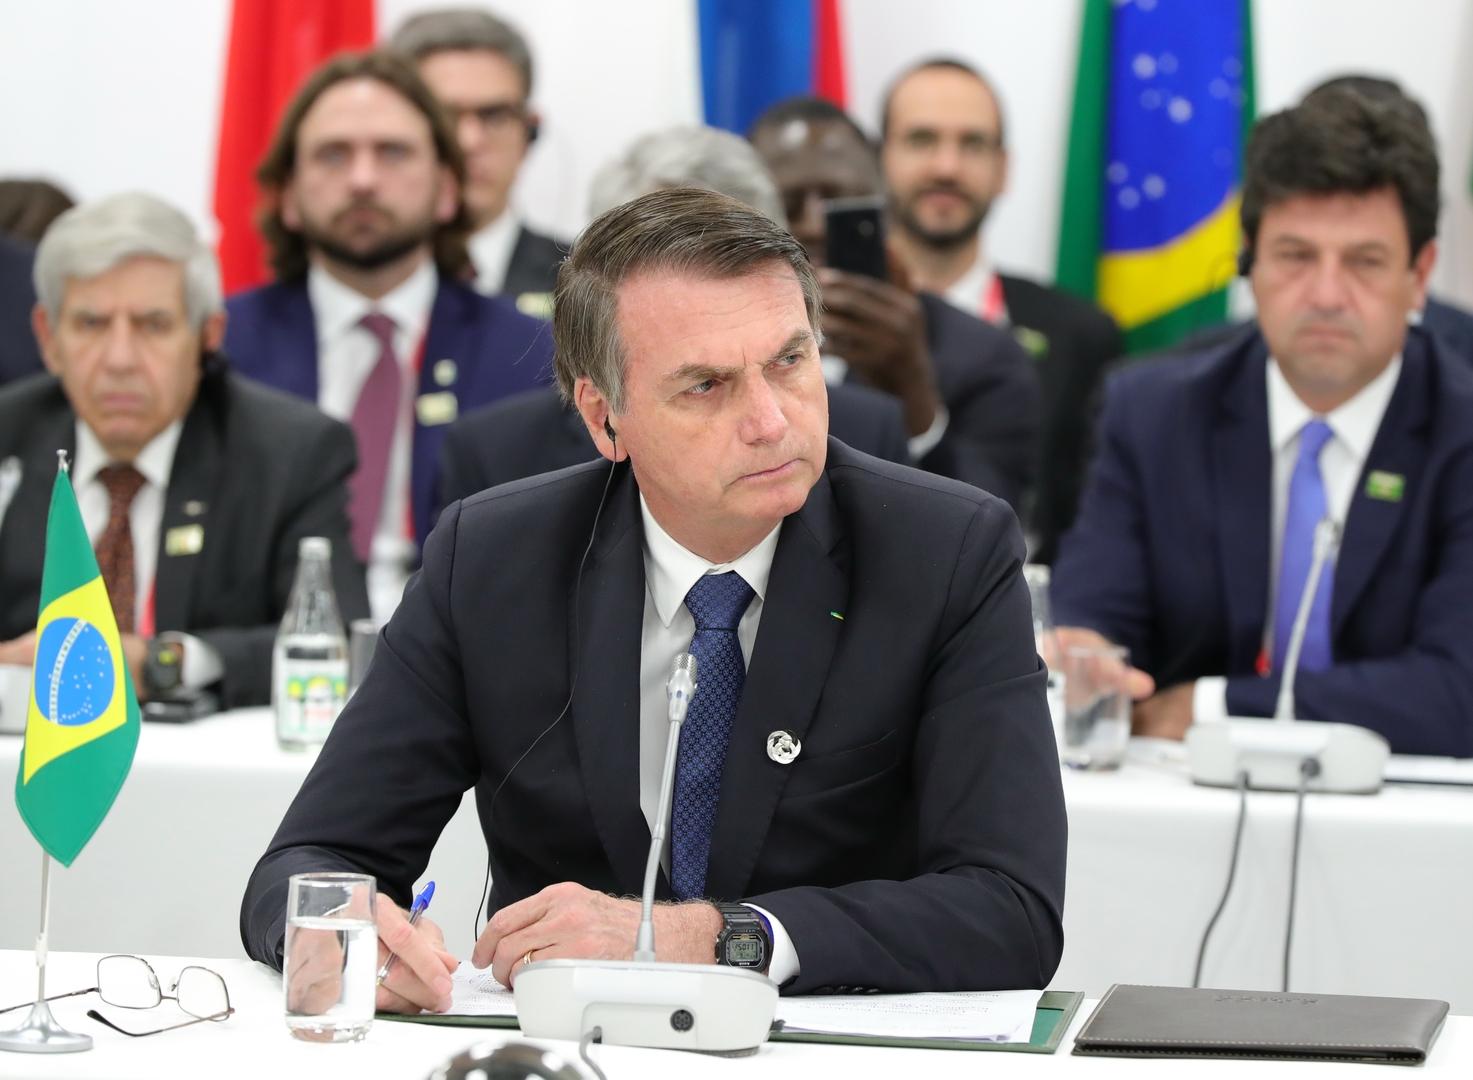 إصابة وزير الصحة البرازيلي بفيروس كورونا أثناء مرافقته لرئيس بلاده في اجتماعات الأمم المتحدة